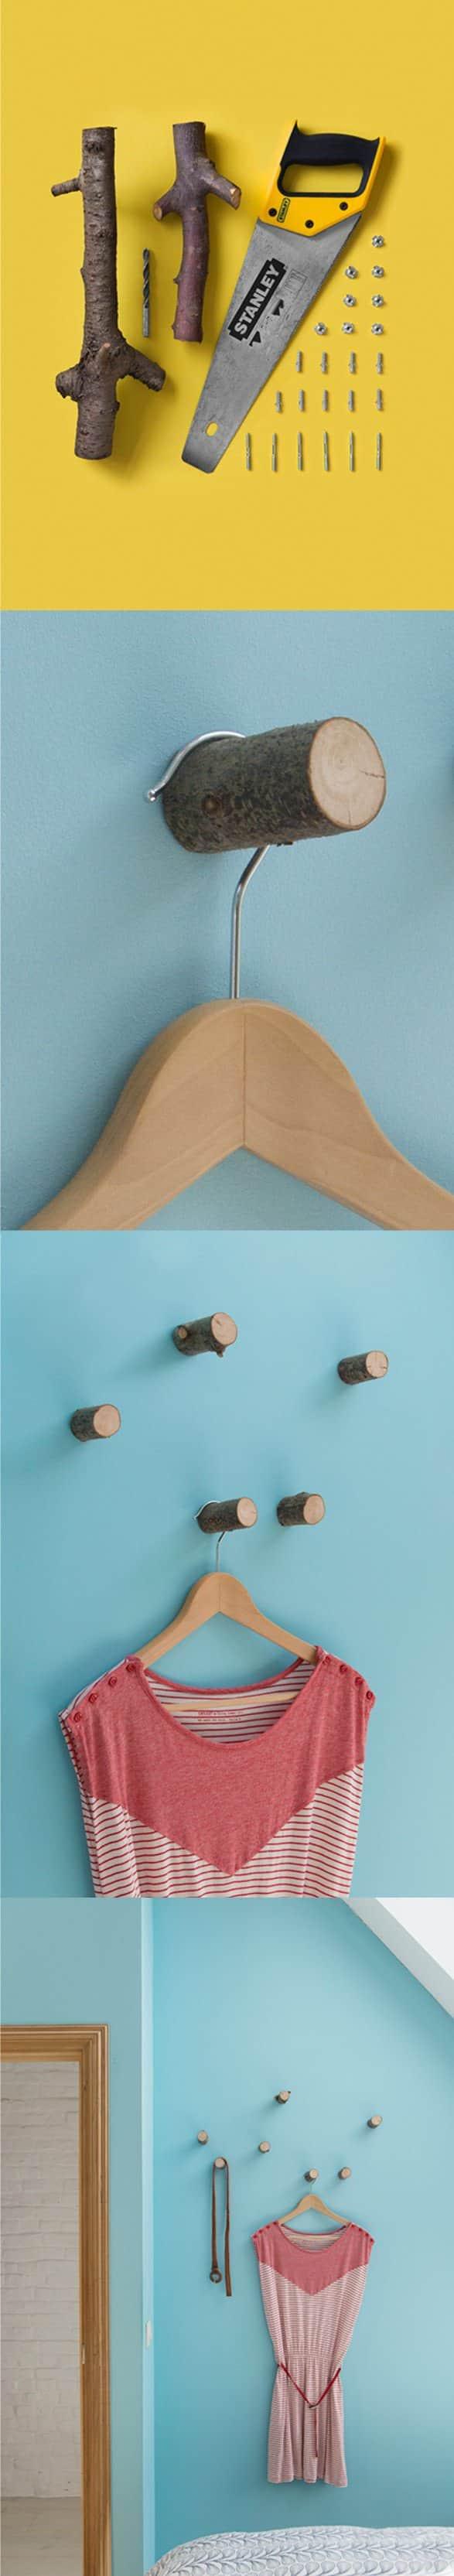 colgador-ramas-DIY-muy-ingenioso-3